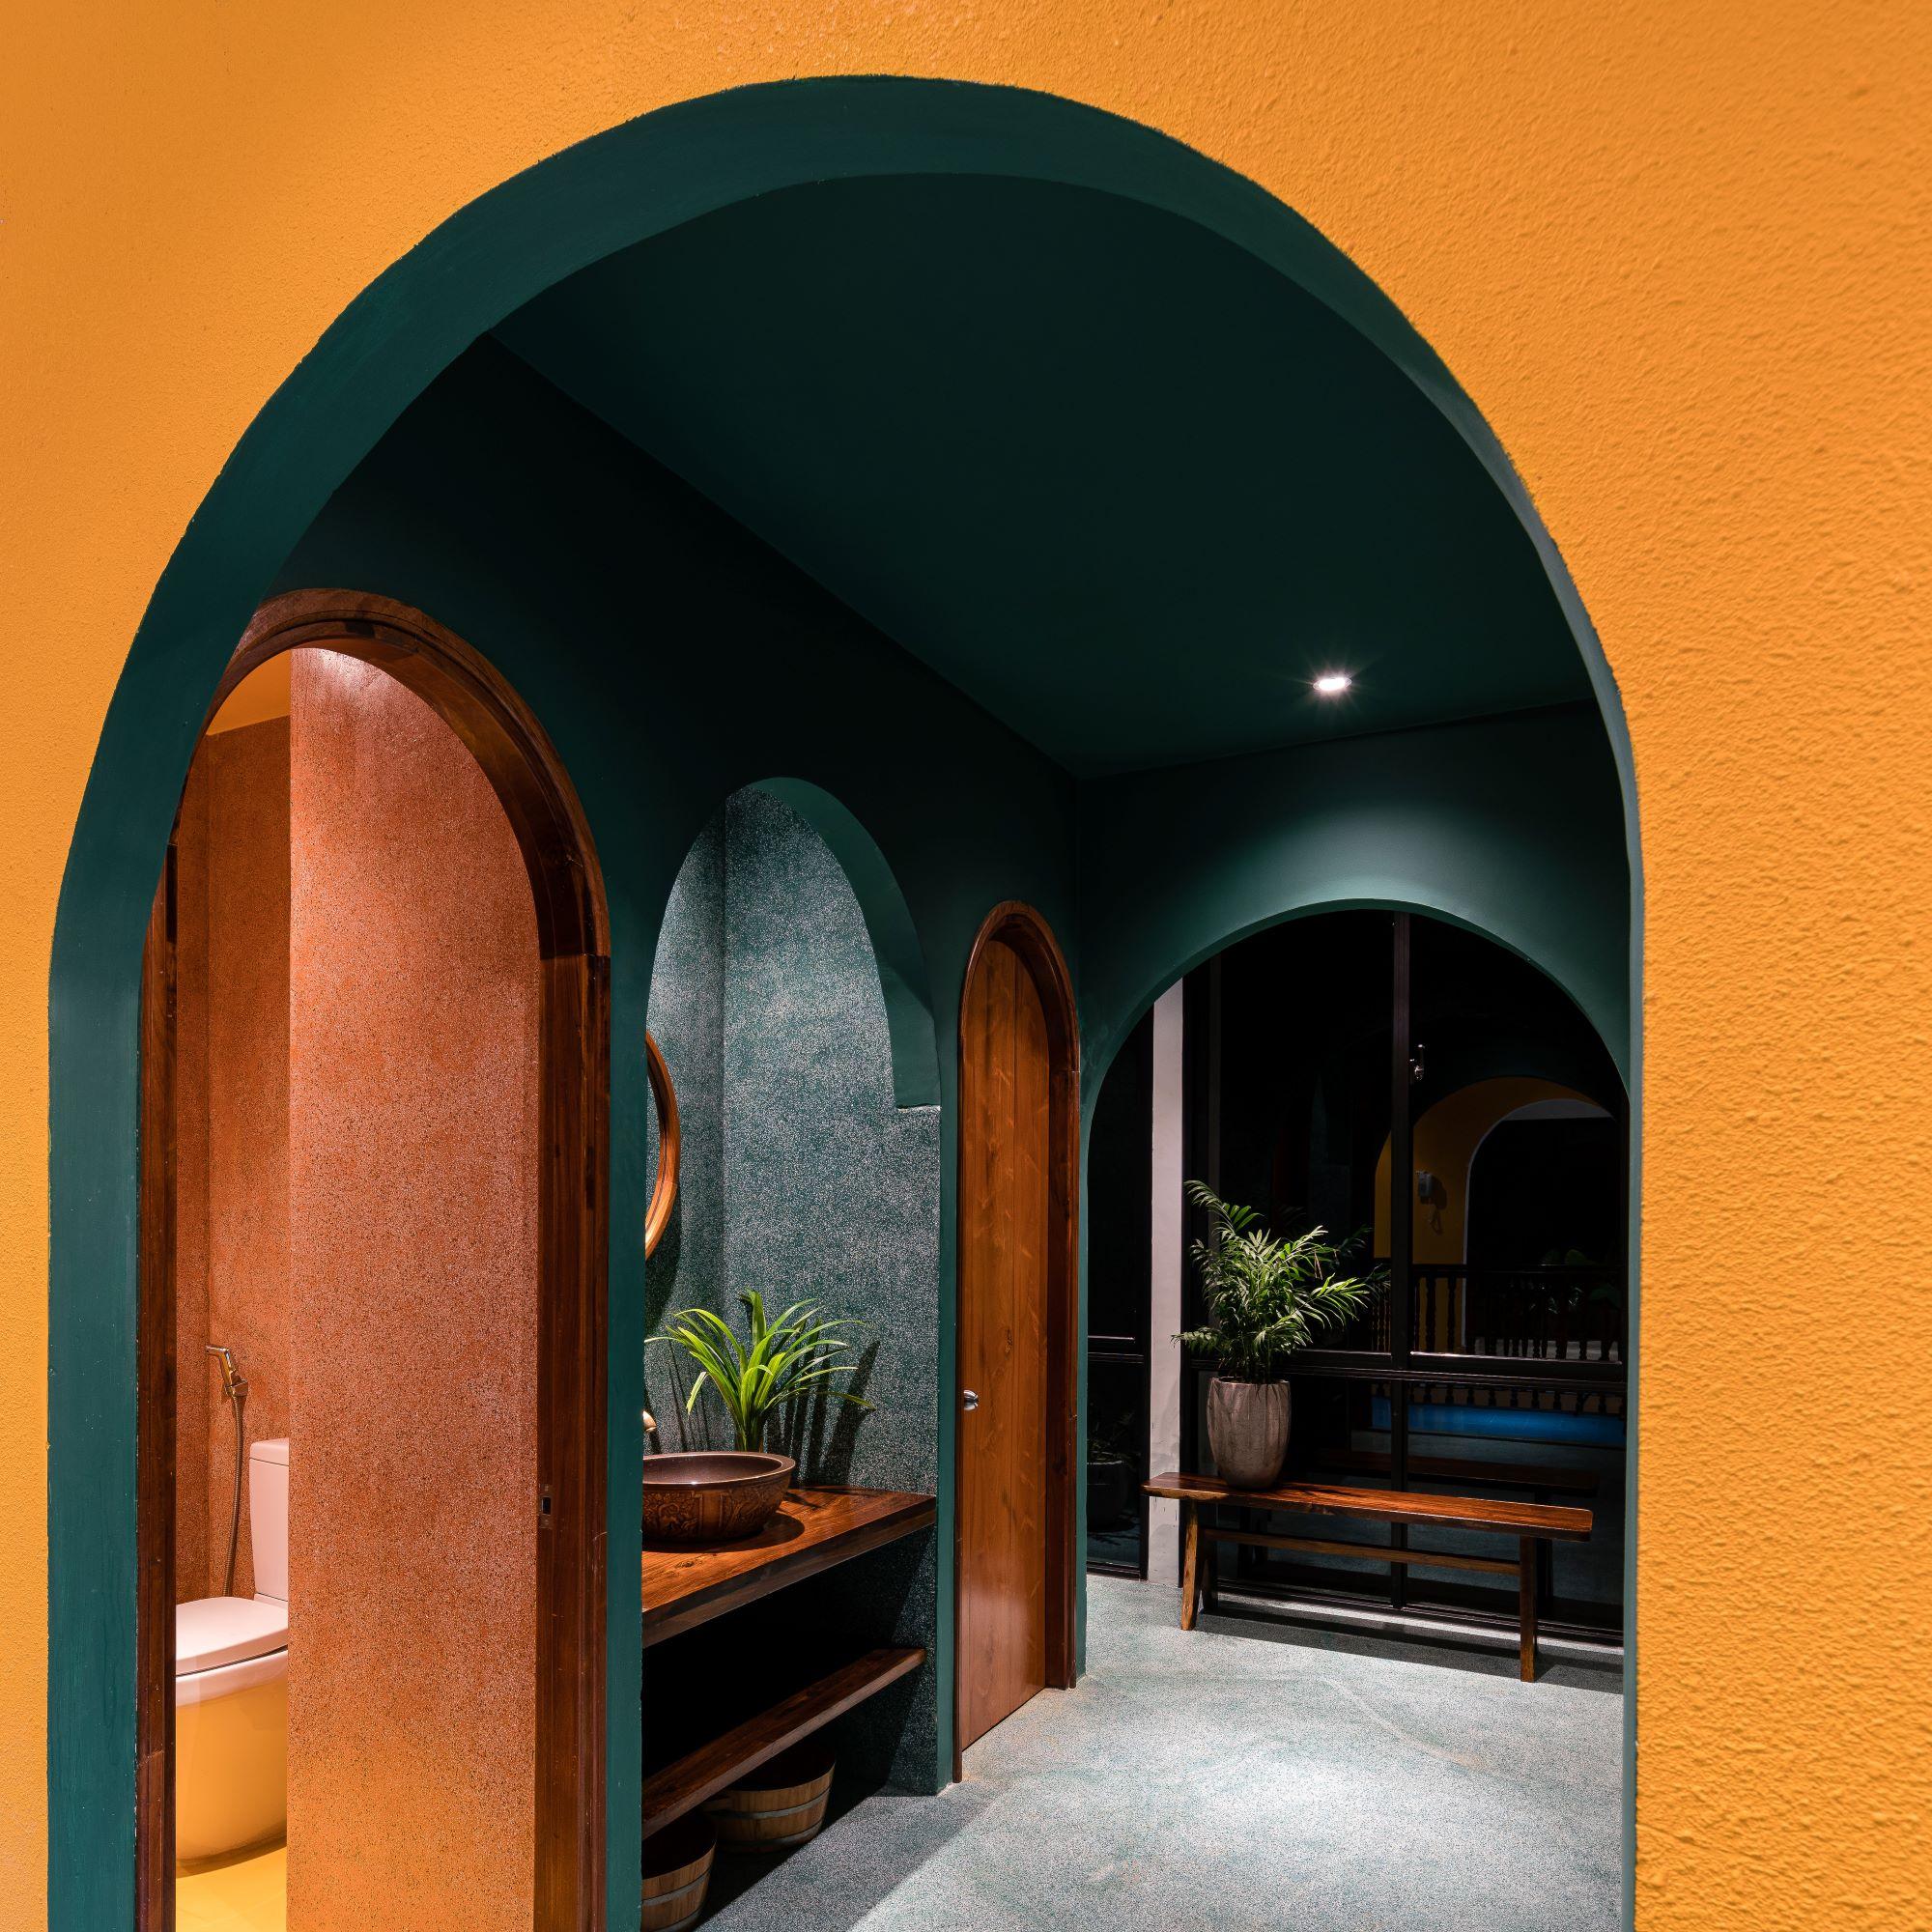 Đá mài, gạch bông truyền thống kết hợp mảng màu tạo bố cục xuyên suốt không gian Sen Spa